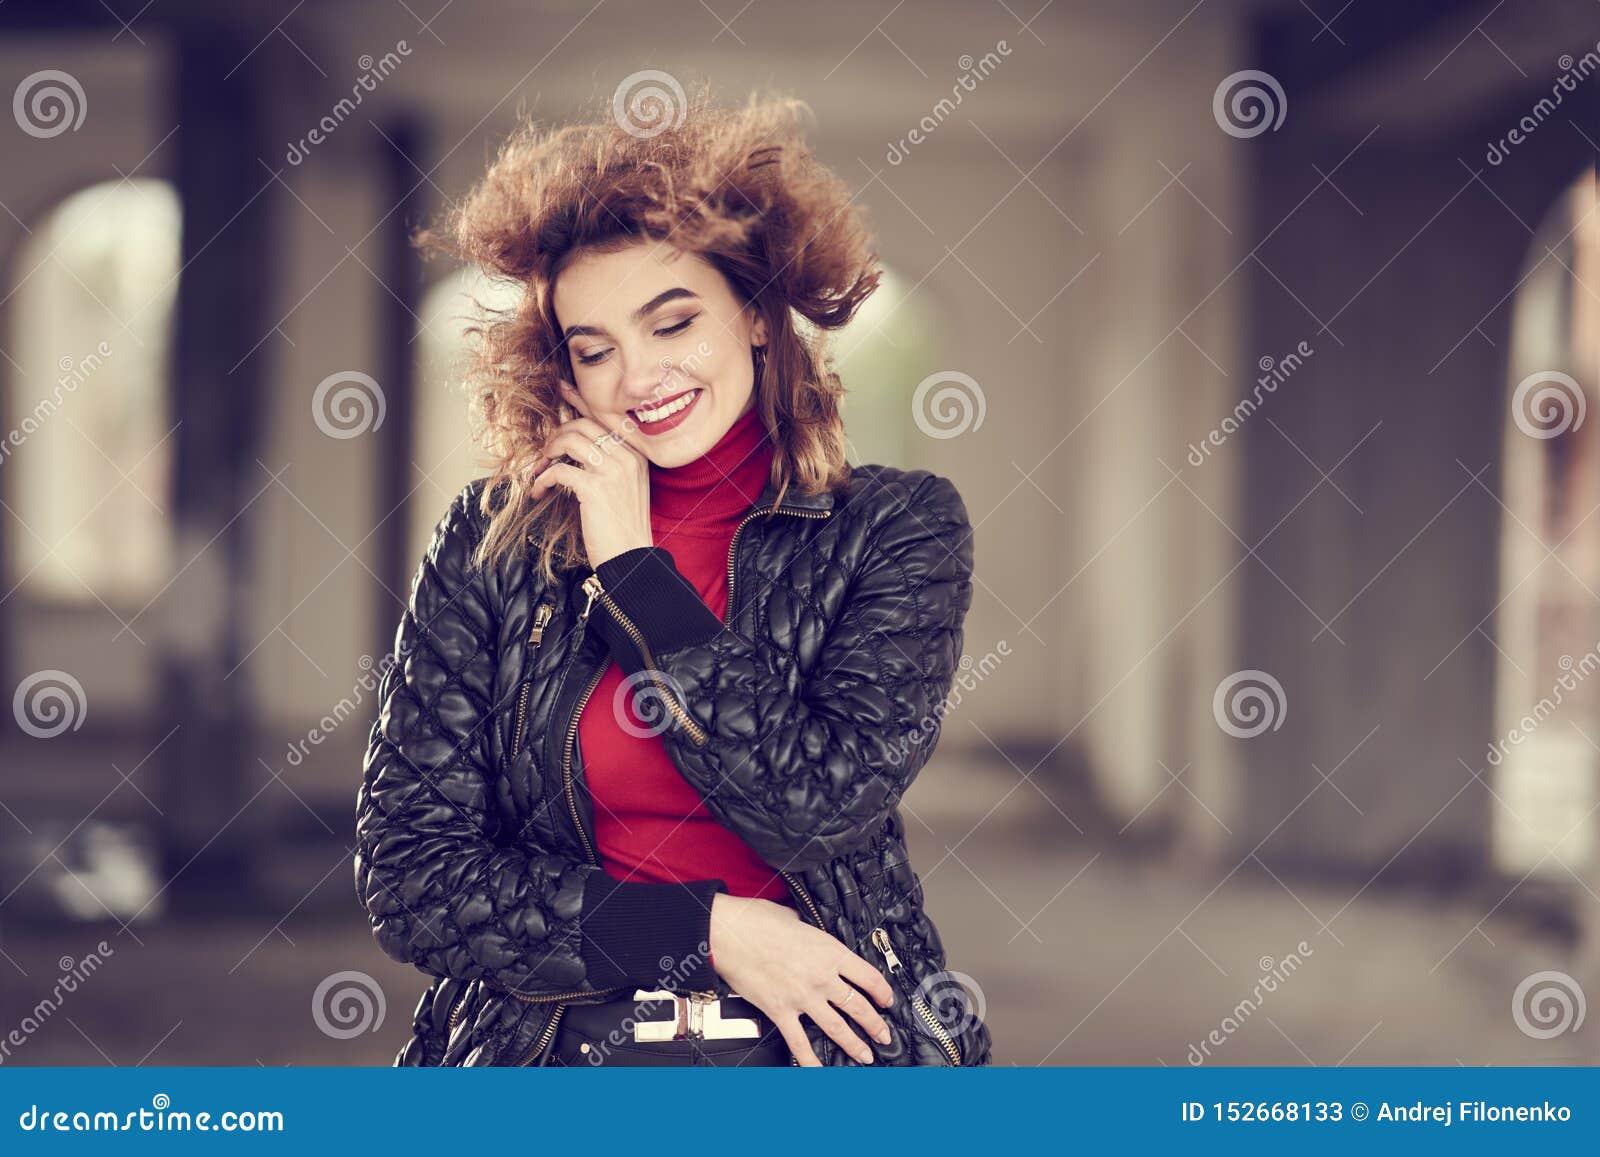 Το χαμογελώντας μοντέρνο κοκκινομάλλες κορίτσι με τη ρέοντας τρίχα στο μαύρο δέρμα ασθμαίνει, κόκκινο πουλόβερ και μαύρη τοποθέτη